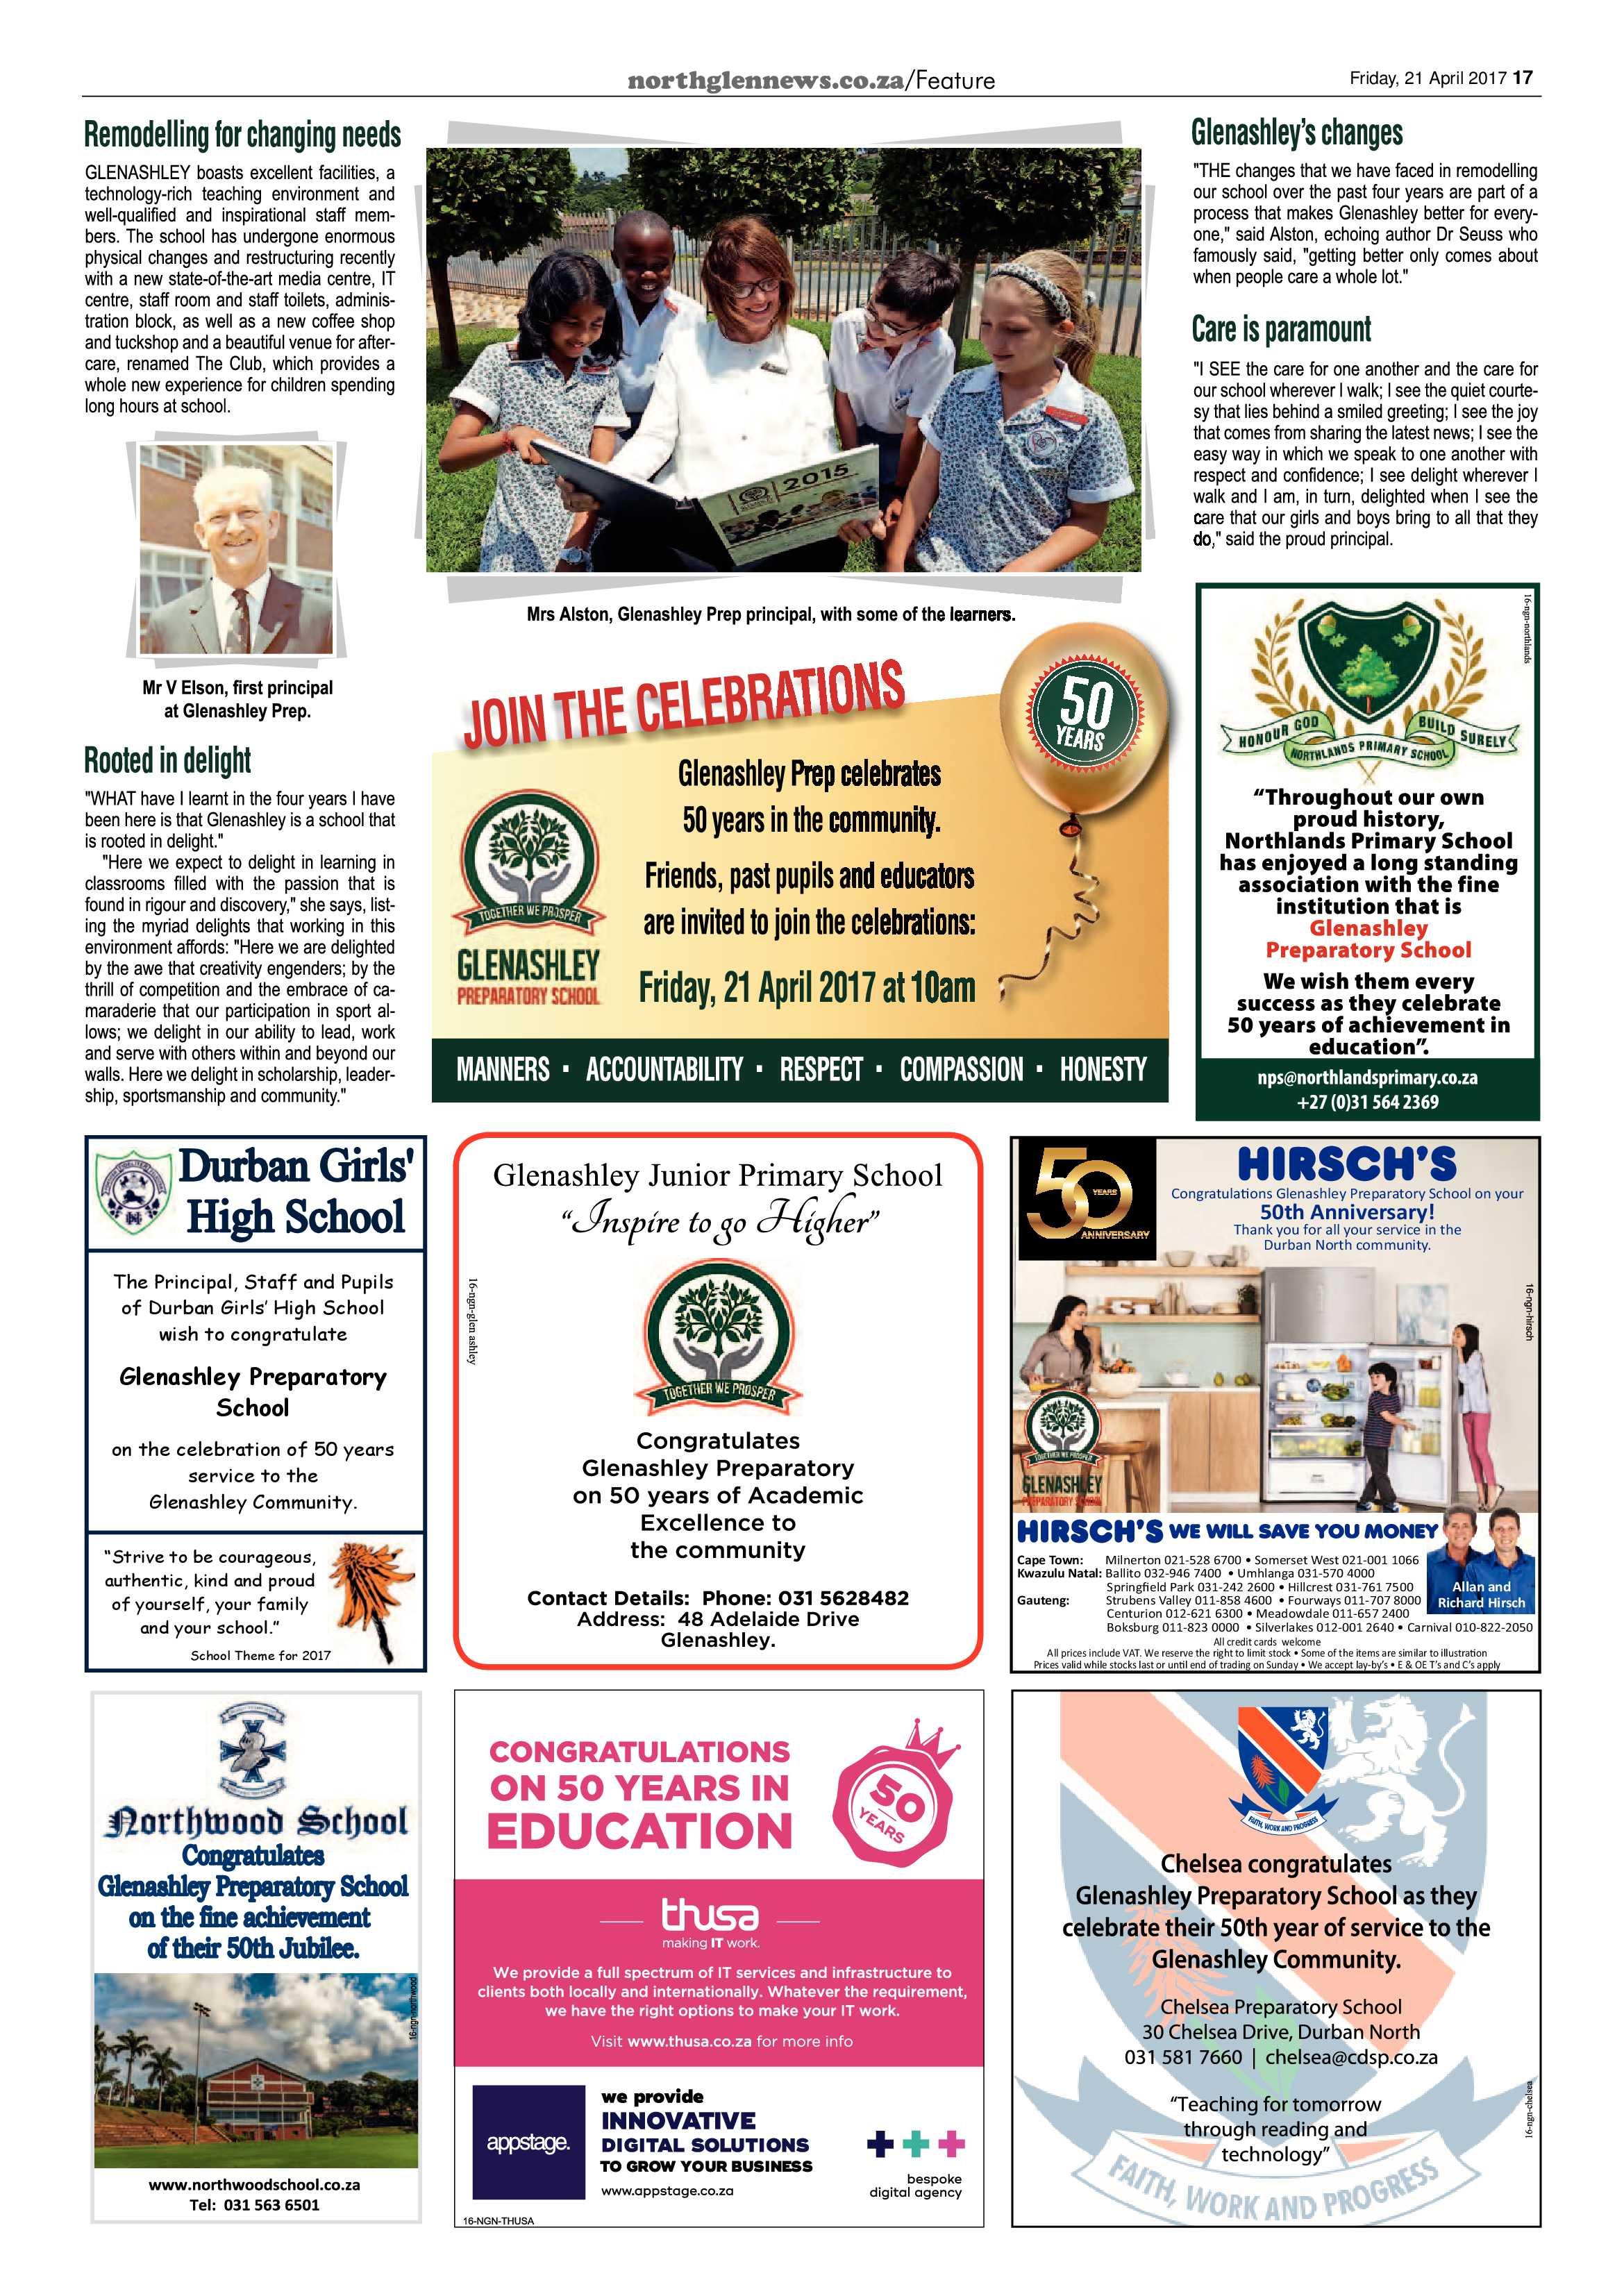 northglen-news-21-april-2017-epapers-page-17